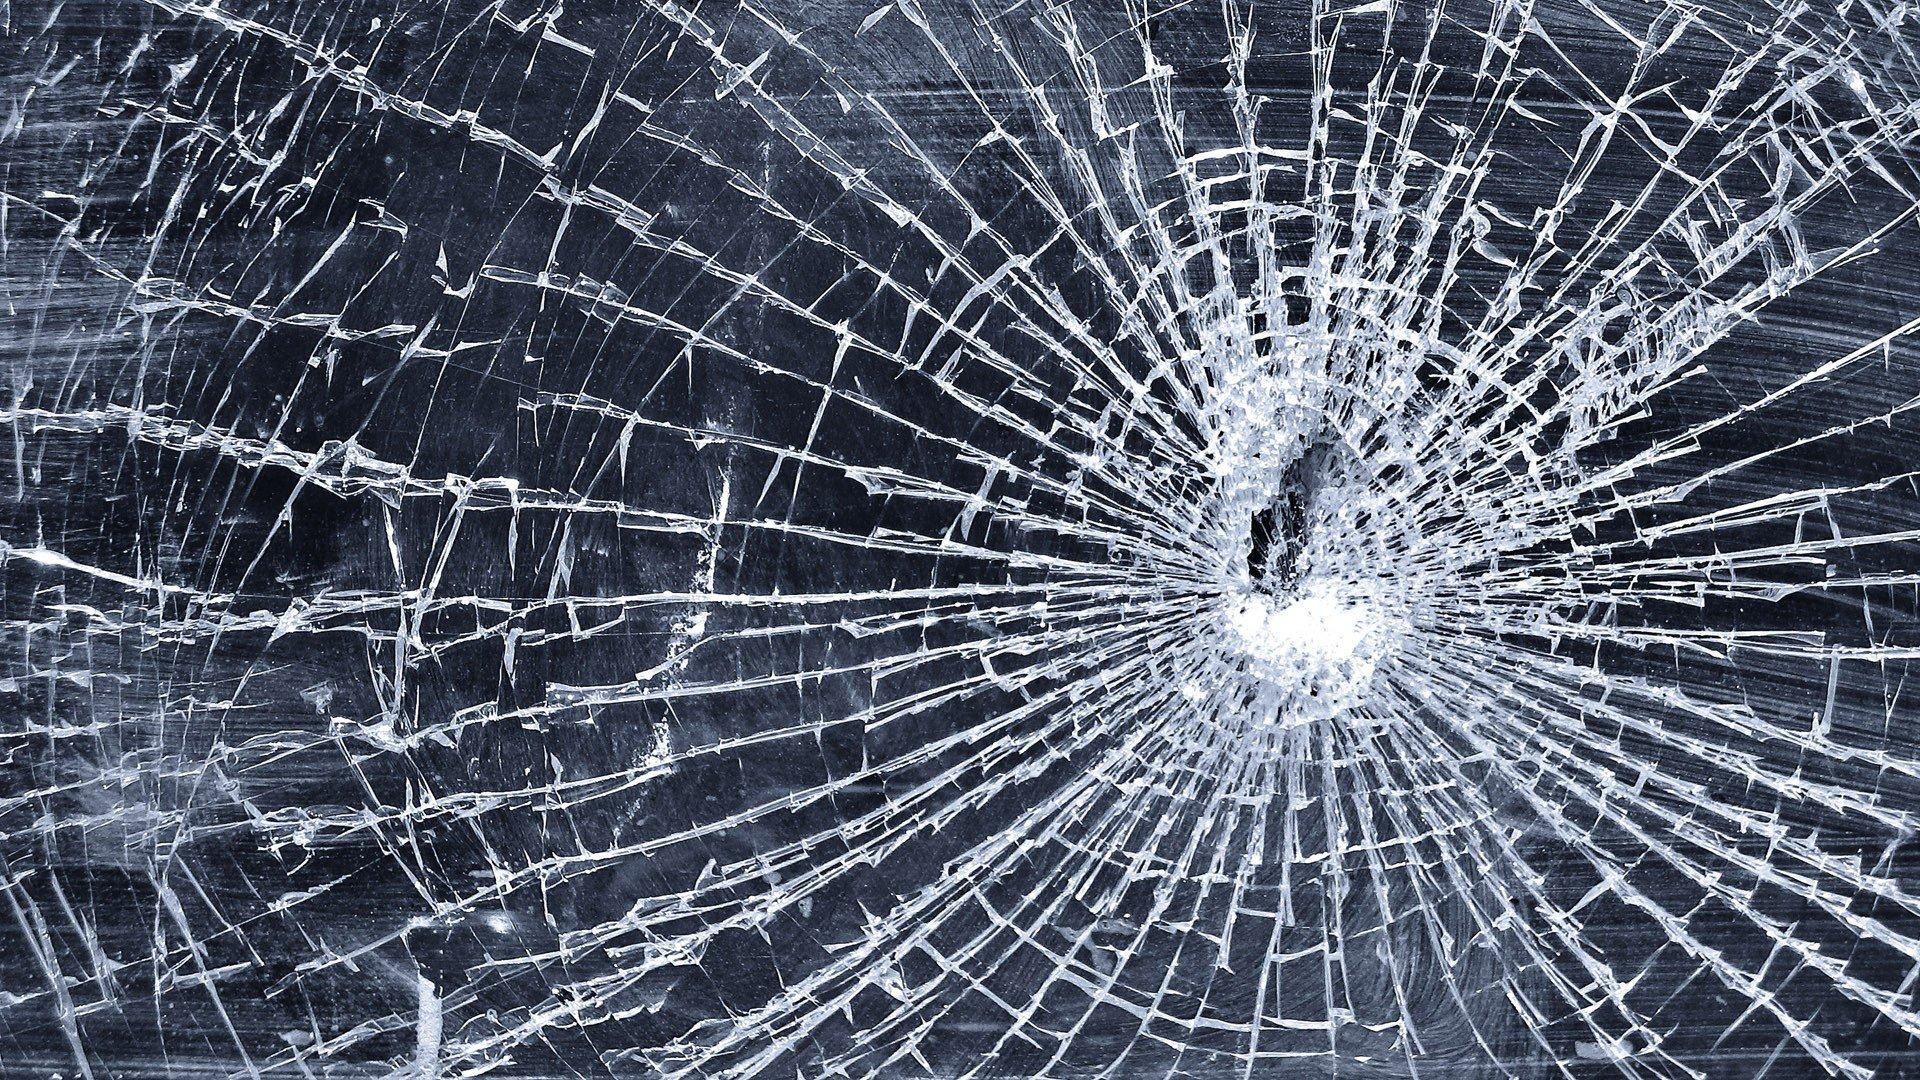 broken broken screen wallpaper background 1920x1080